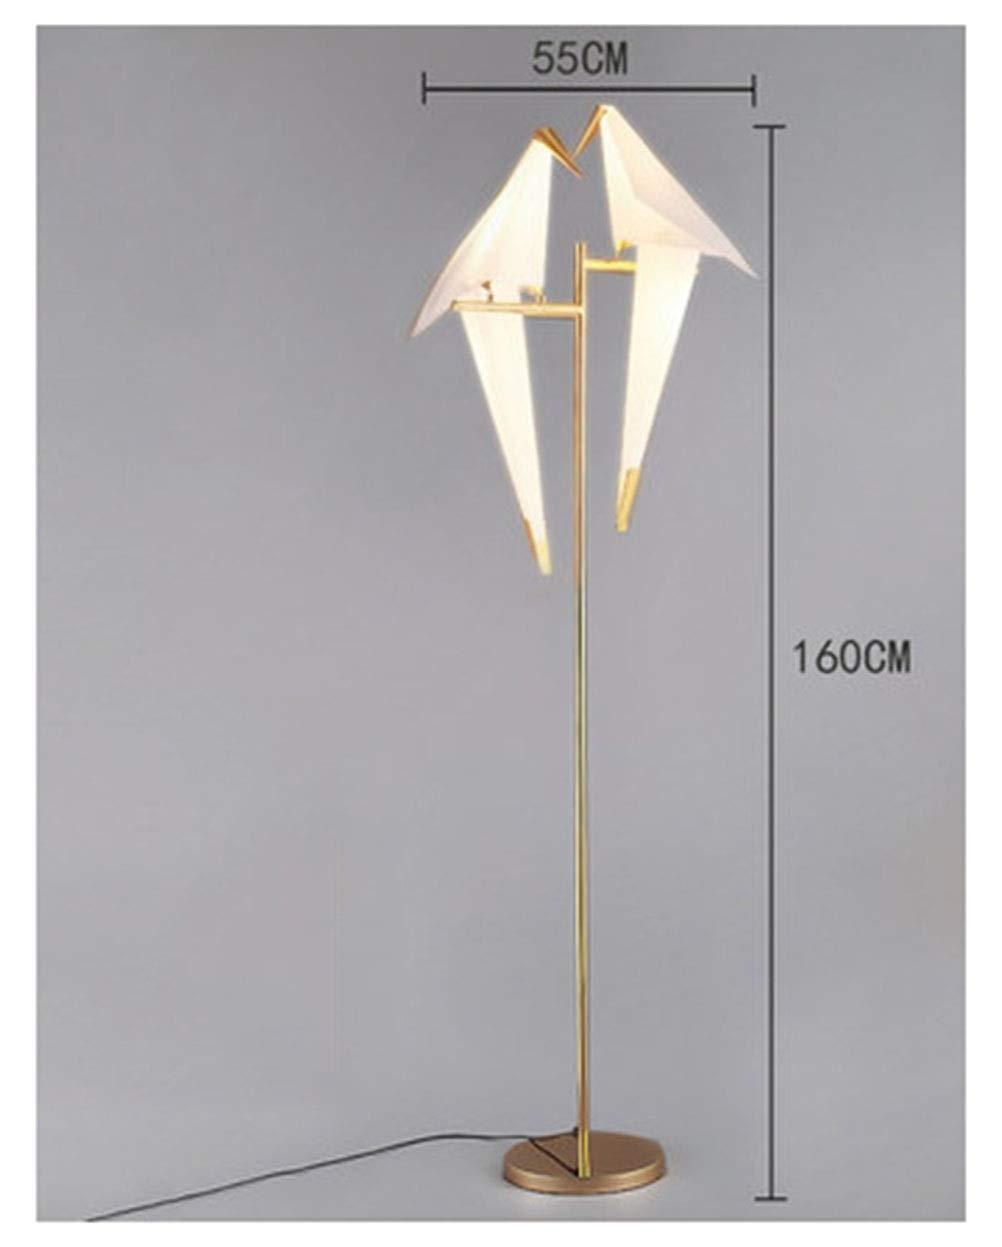 SGKJJ フロアランプリビングルームシンプルでモダンな寝室イケアクリエイティブ垂直ベッドサイドランプ研究鳥鳥ペーパークランプランプ -759フロアスタンドランプ (UnitCount : Double head) B07Q71FC6R  Double head, コシガヤシ 11774ff2